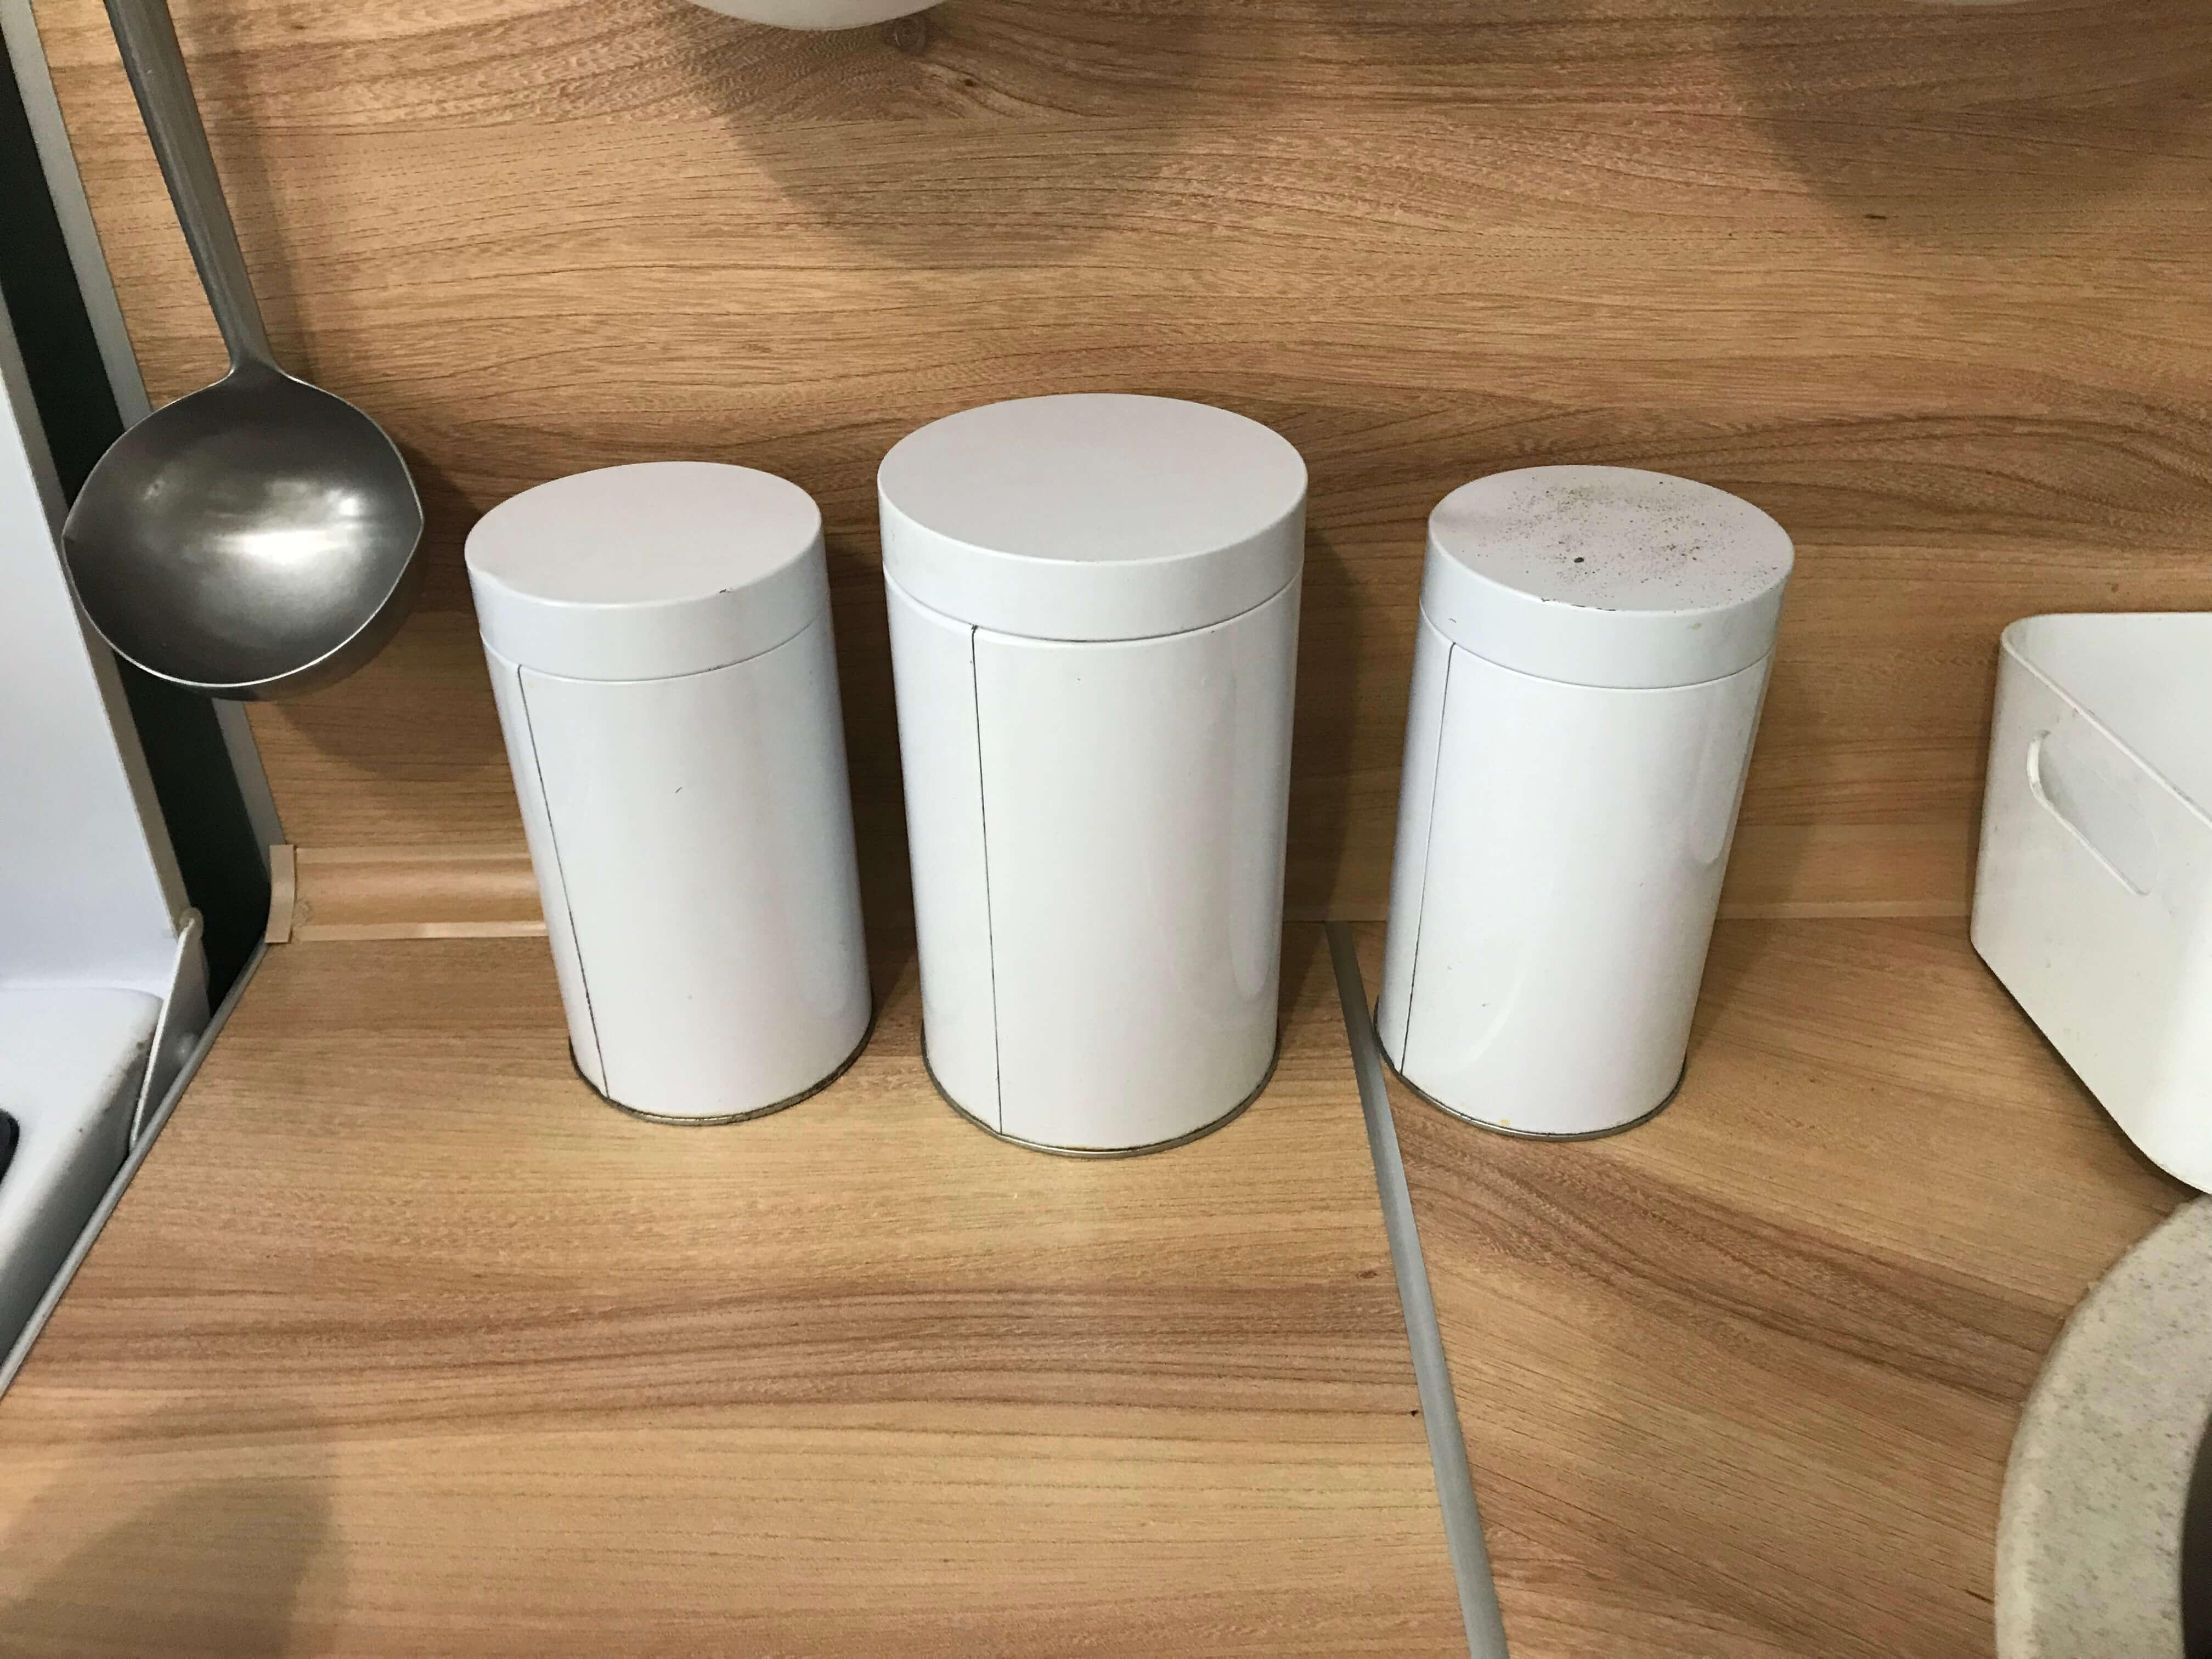 Вроде бы три одинаковые банки для круп, но вор откроет третью: она пыльная — значит, ей не пользуются — значит, там лежит что-то особенное